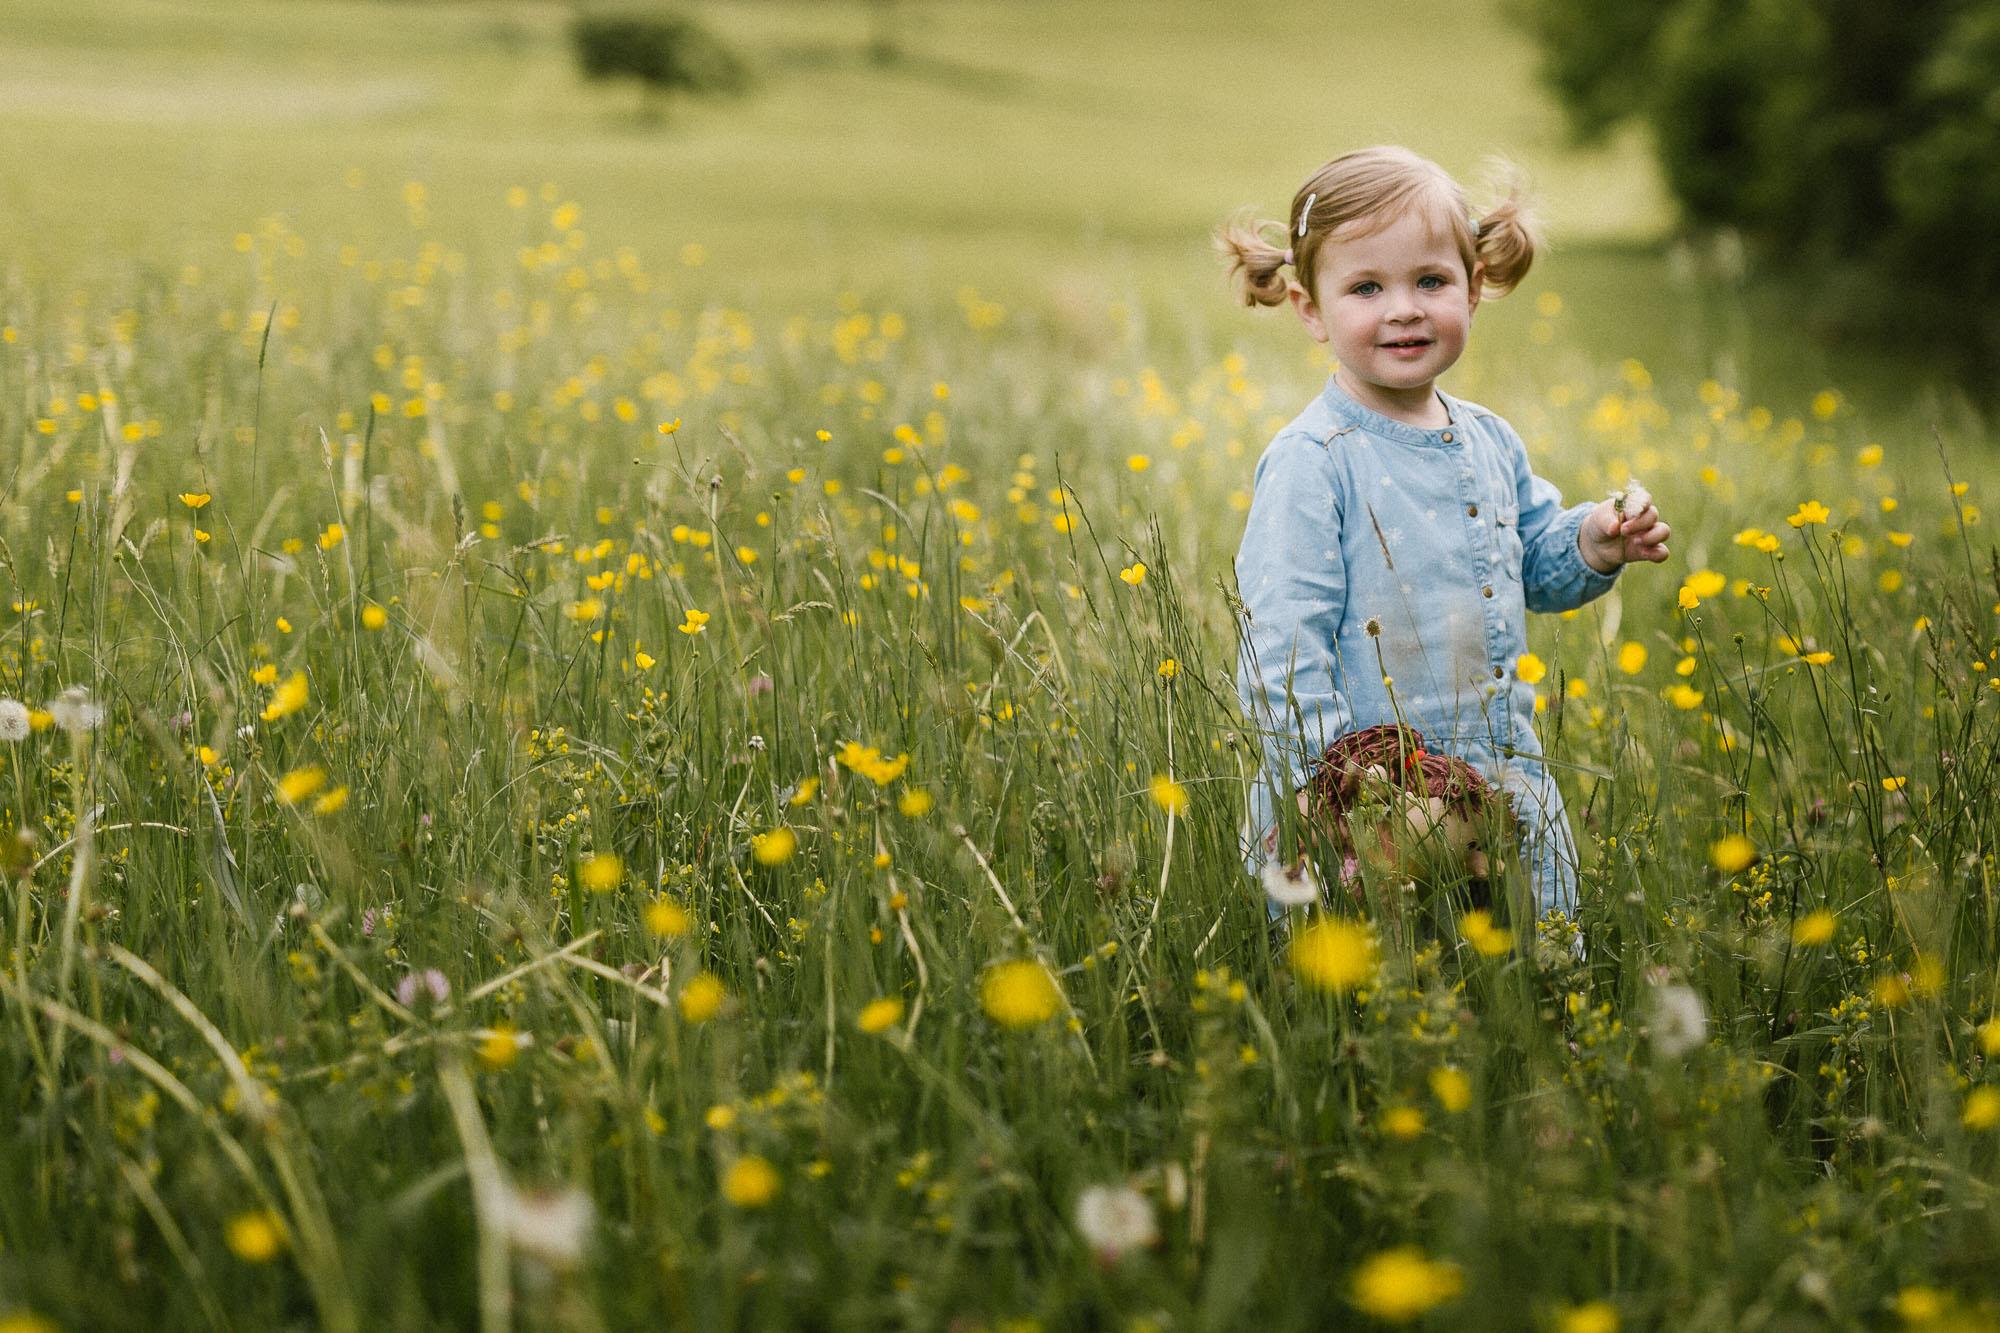 Mädchen auf Blumenwiese - Authetische Familienfotografie von Raissa + Simon Fotografie